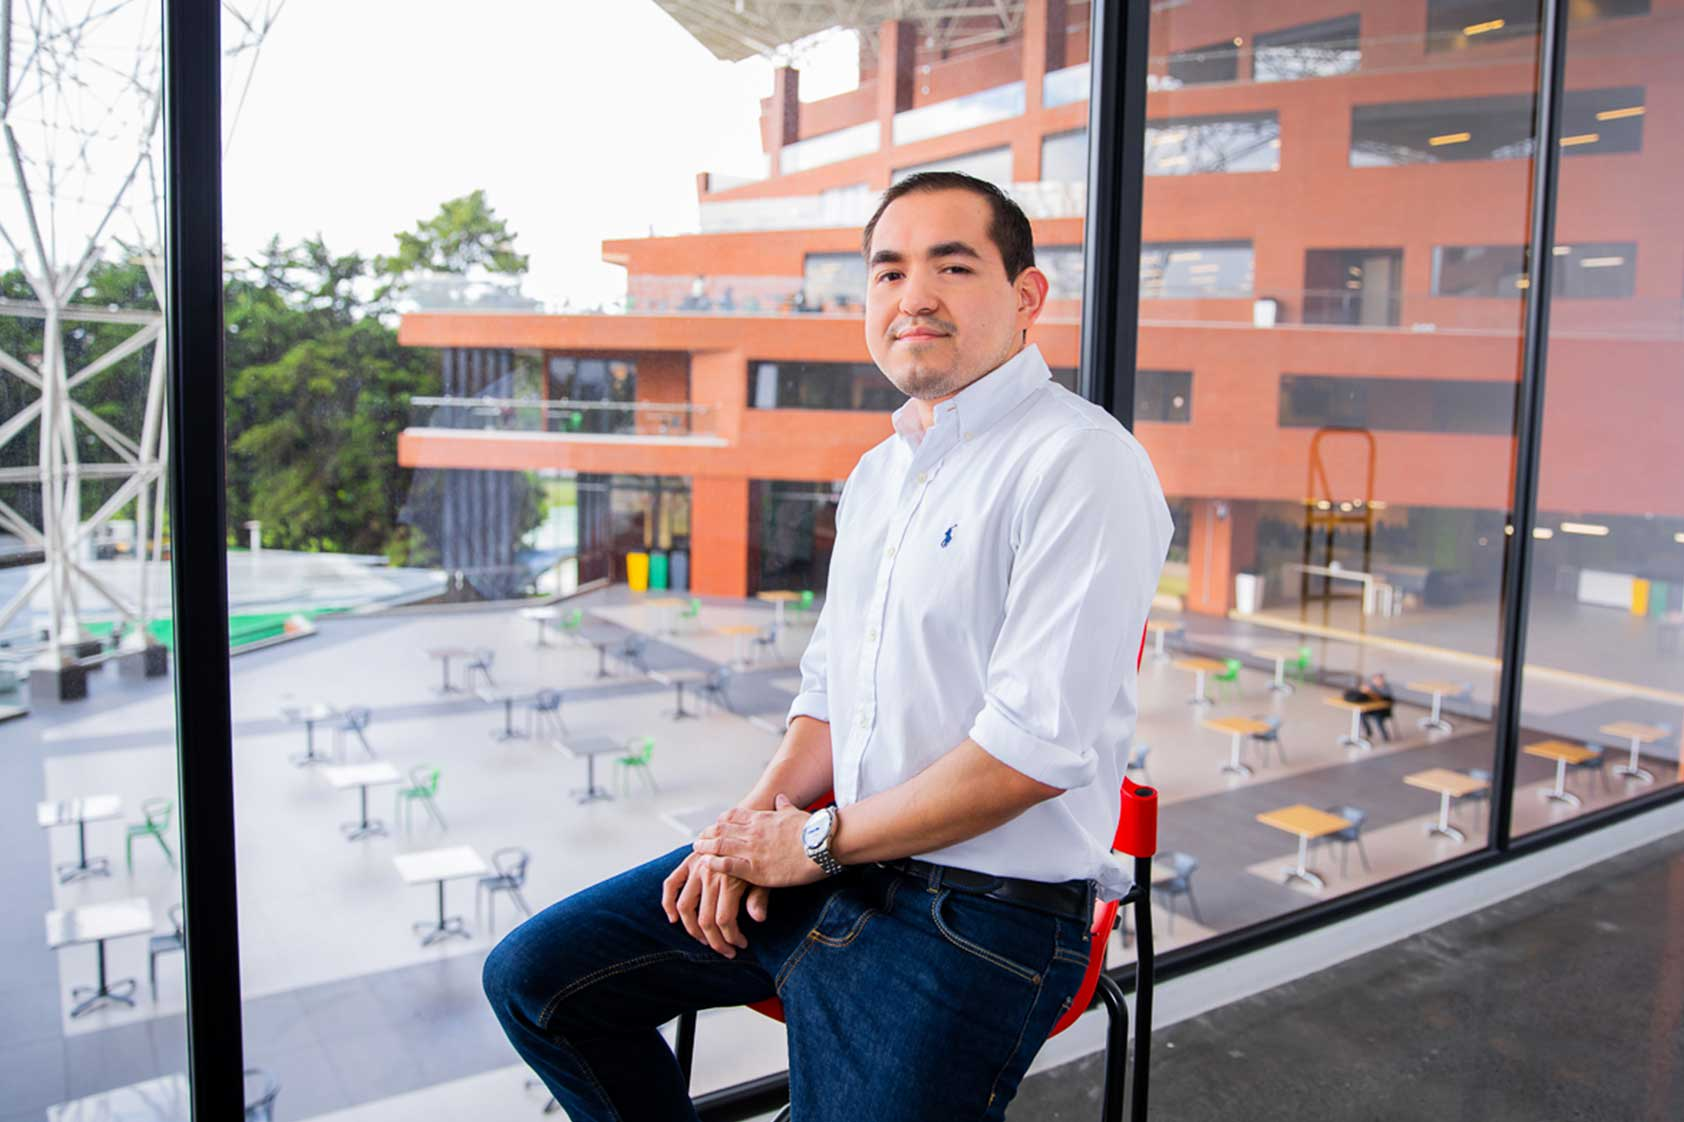 La Antropología, una carrera prometedora en Guatemala y el mundo